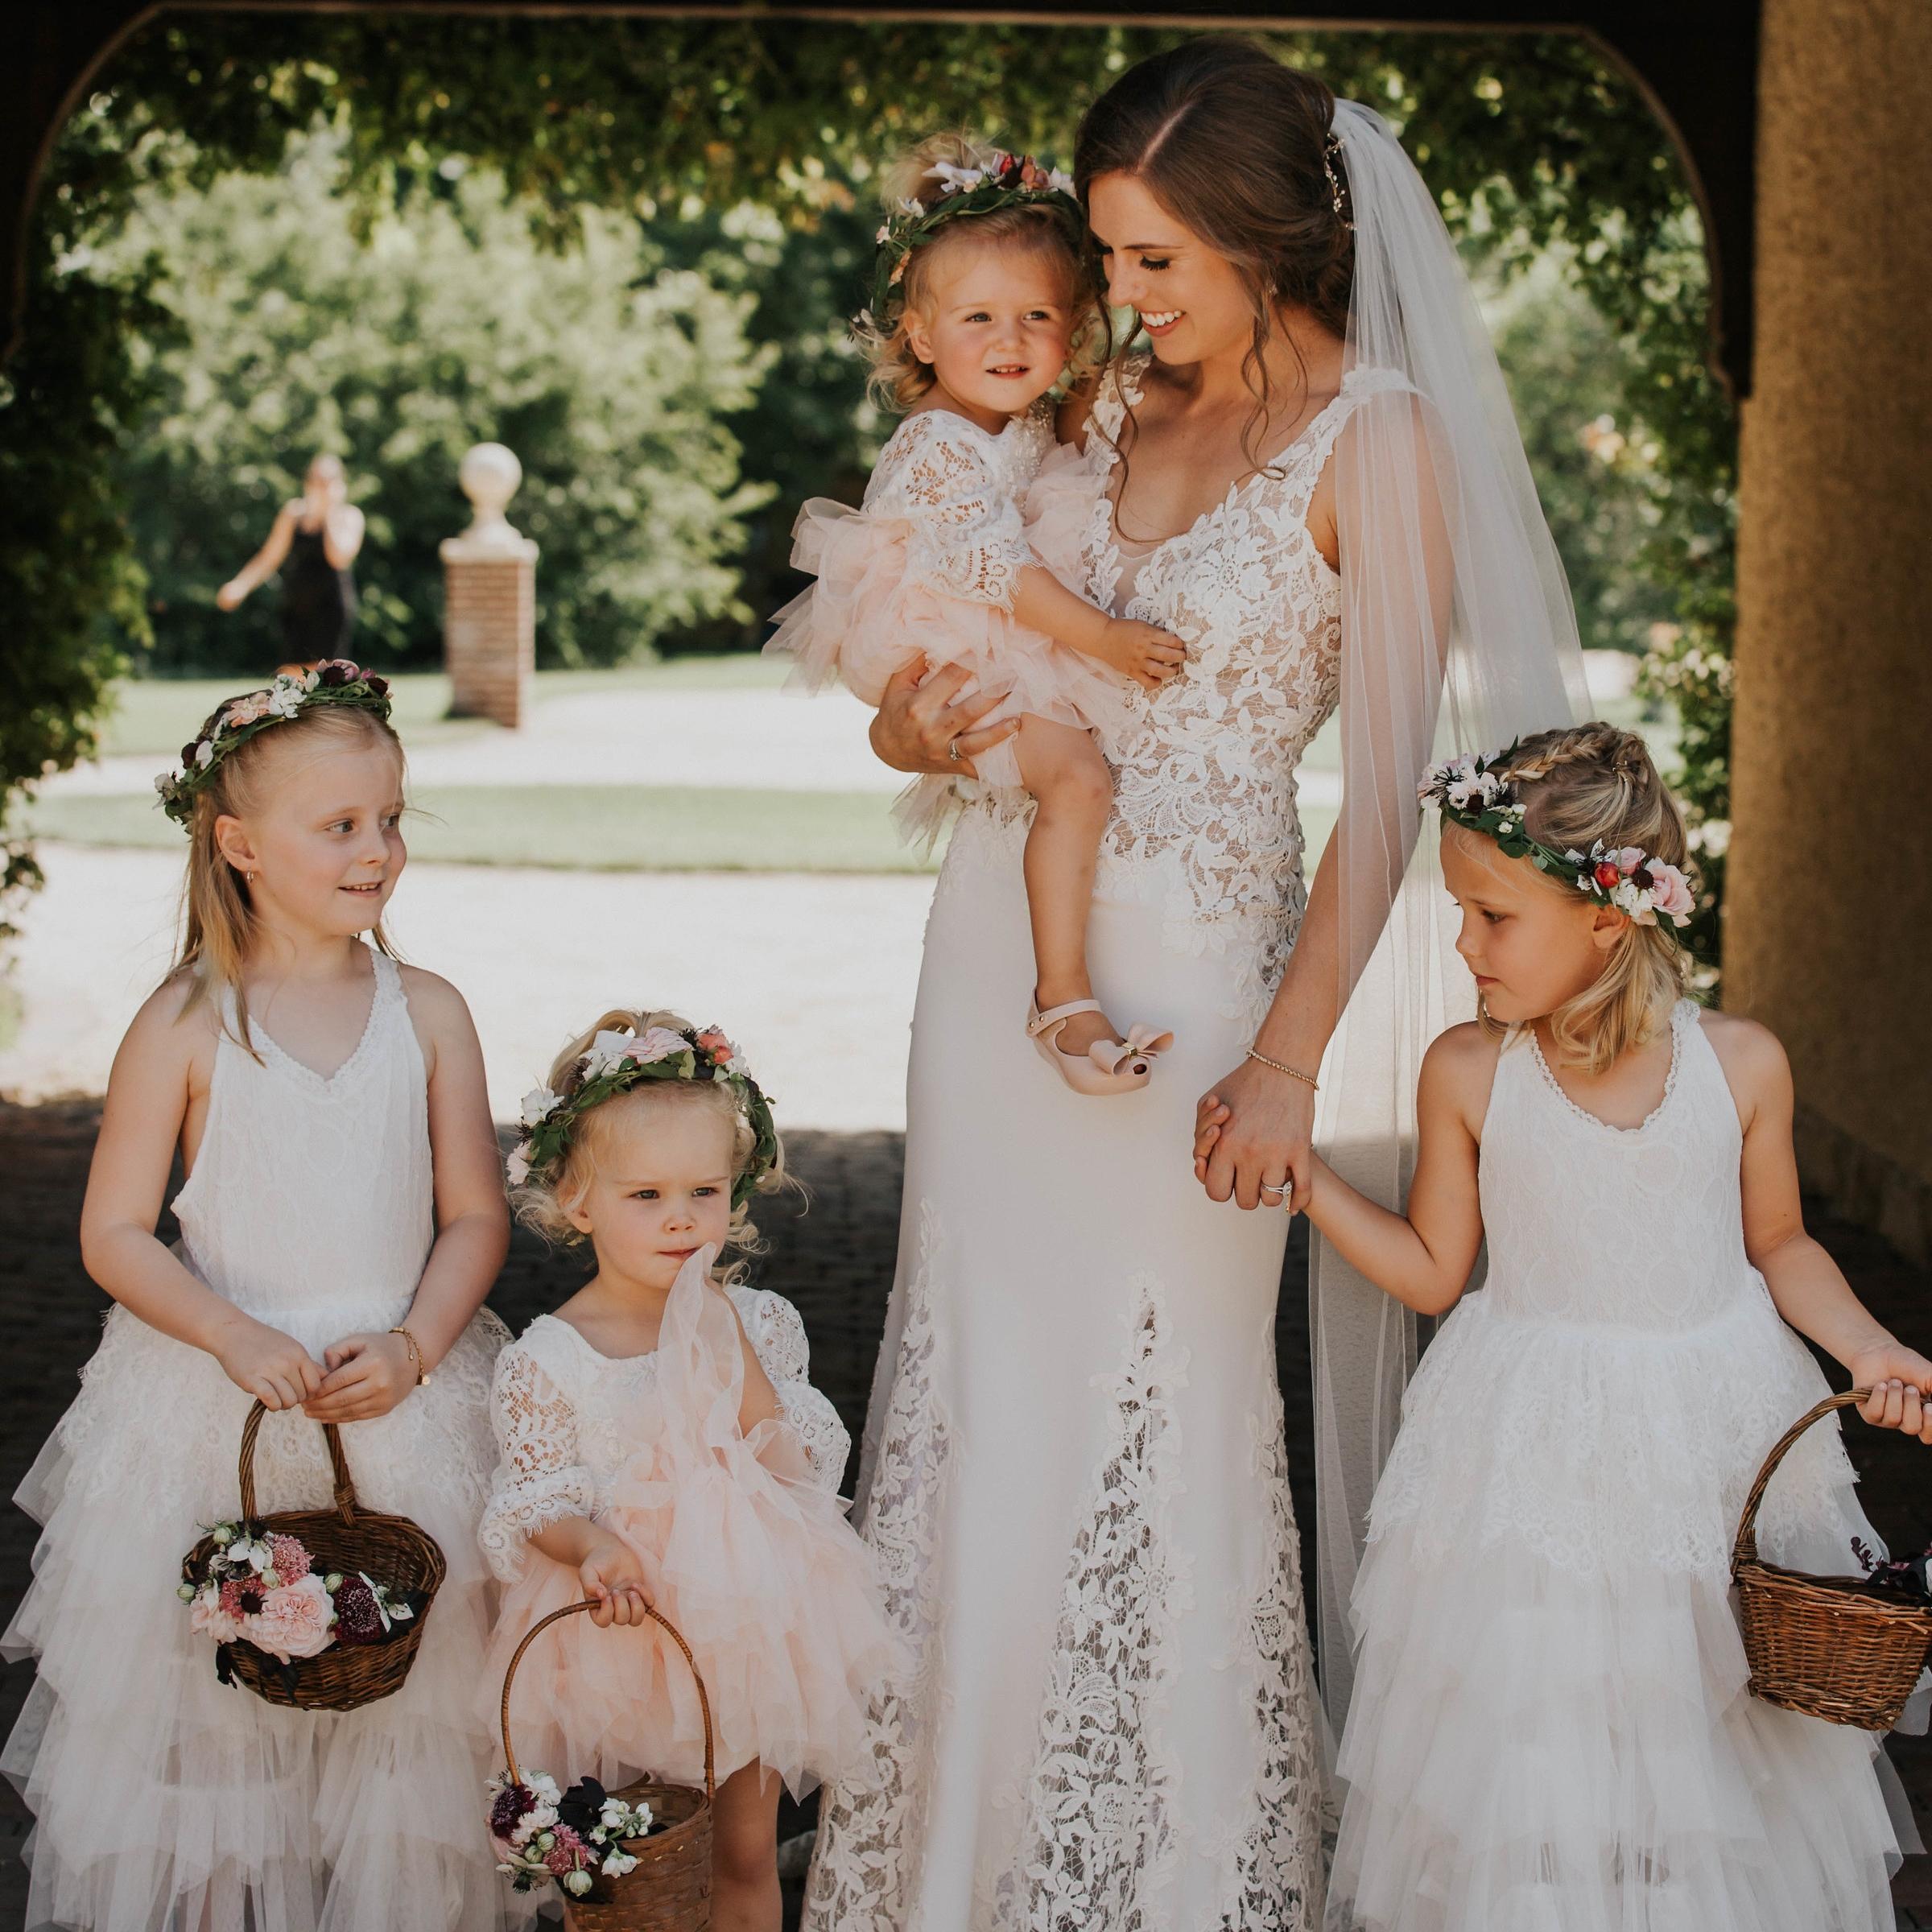 jinza-bridal-alexa-outdoor-wedding-dress.jpg